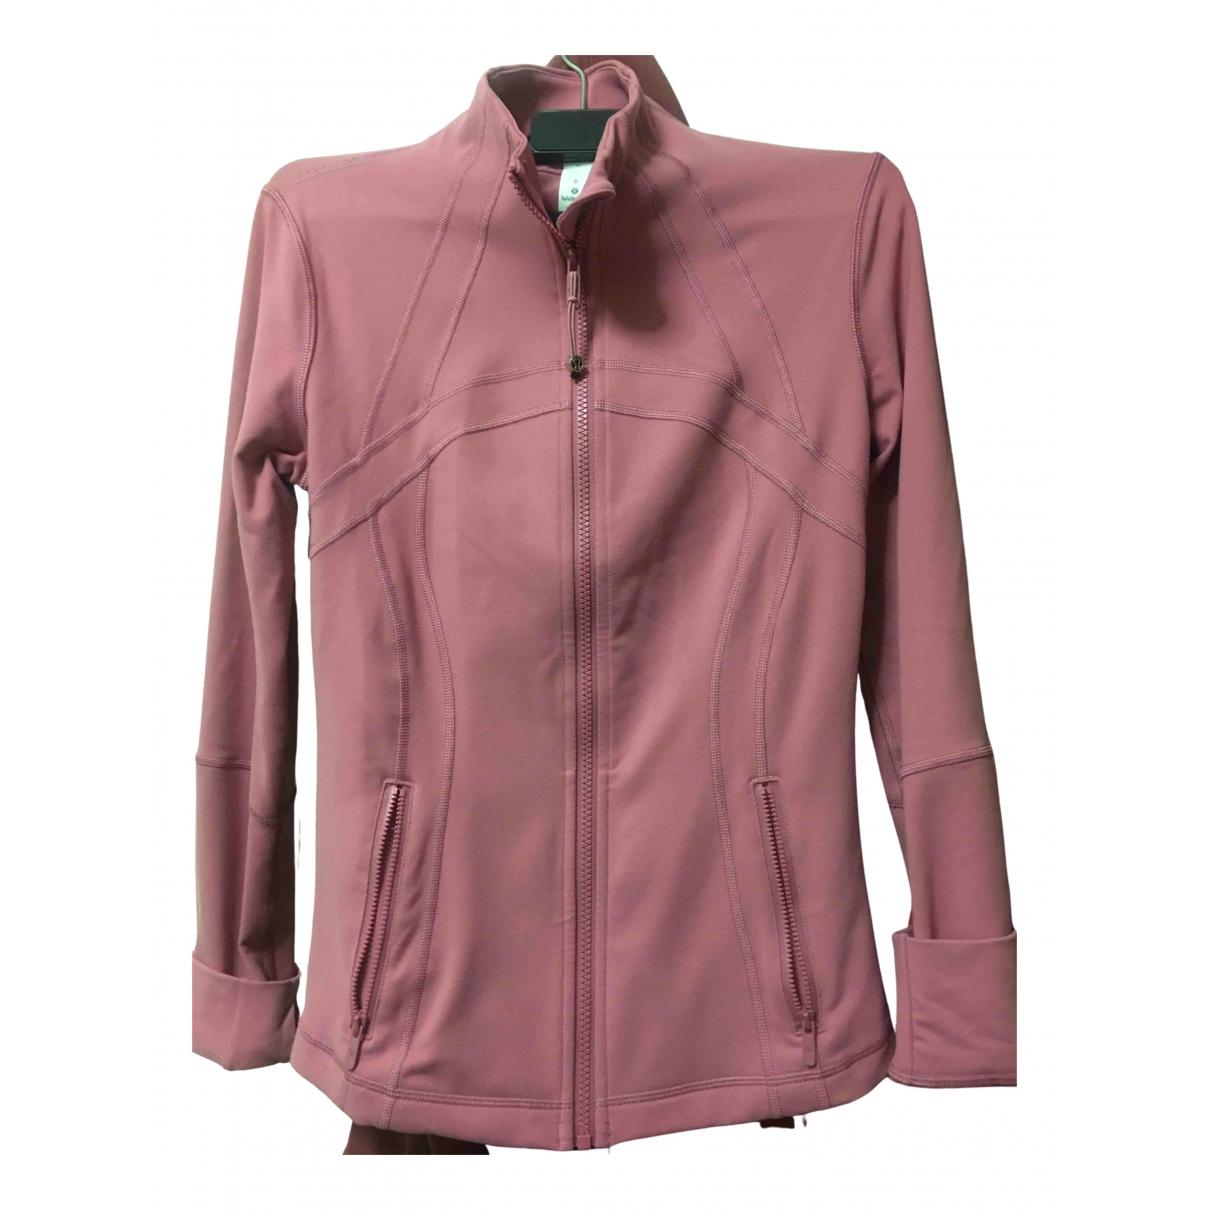 Lululemon - Veste   pour femme en coton - rose